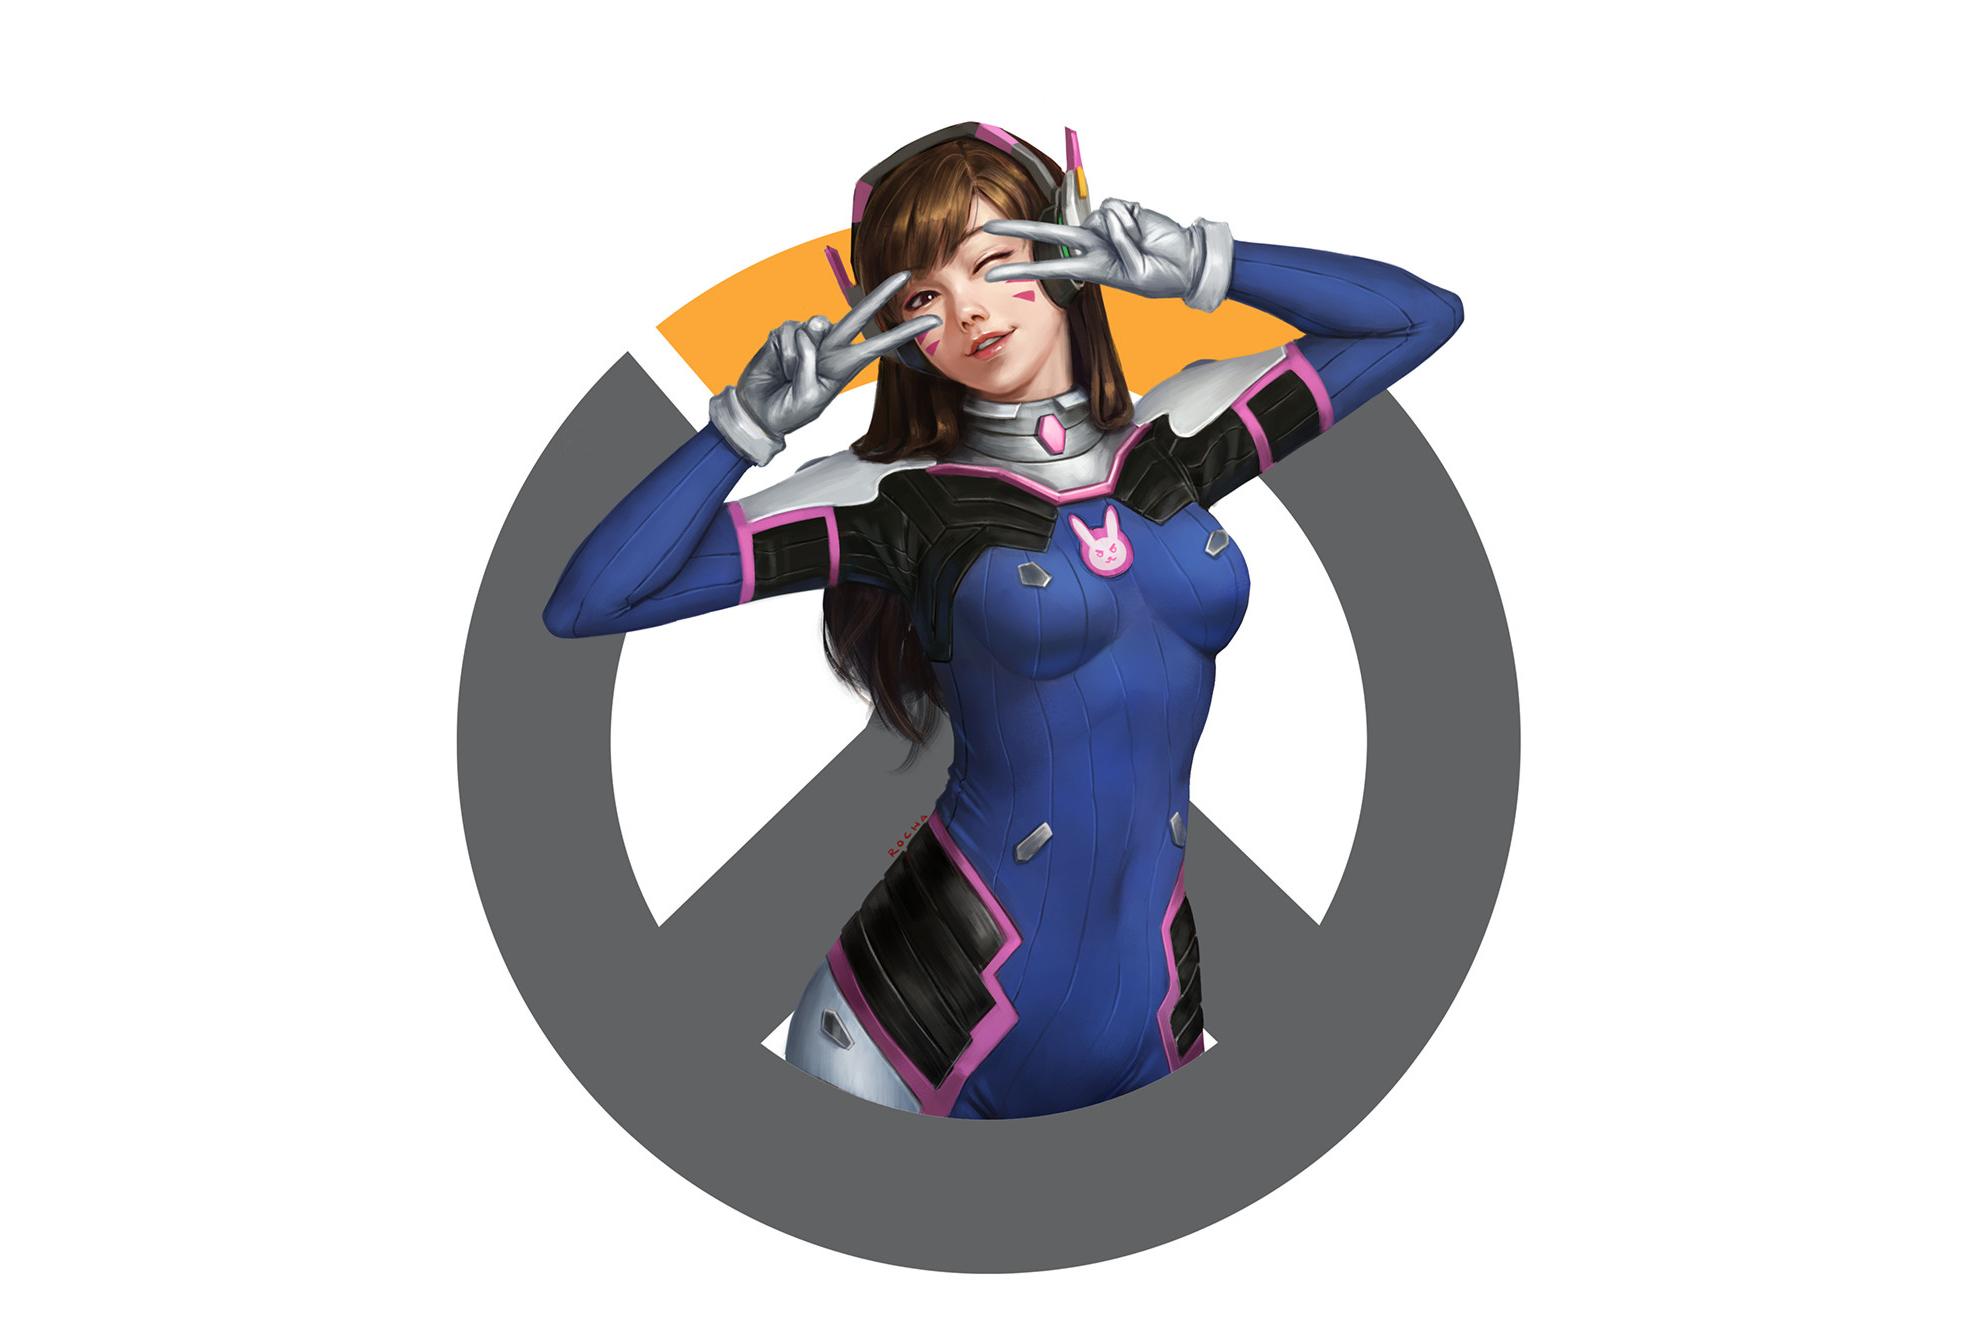 Overwatch: D.Va